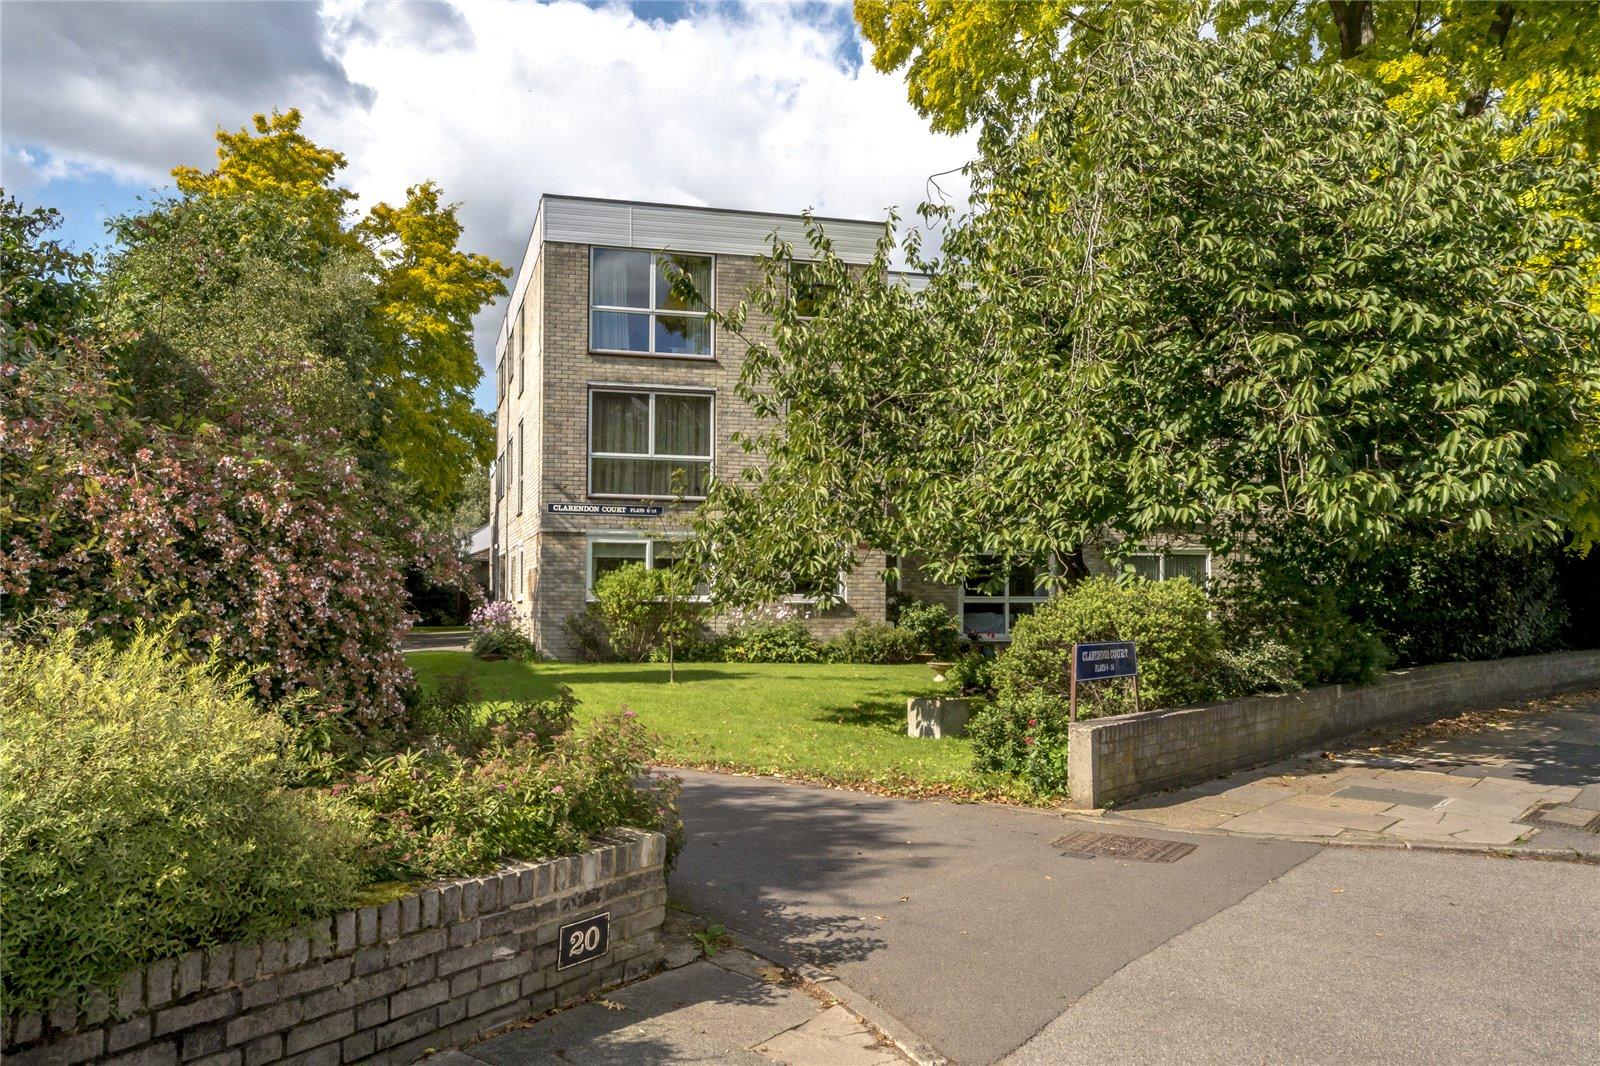 Clarendon Court, Kew Garden Road, TW9 3HE - Antony Roberts